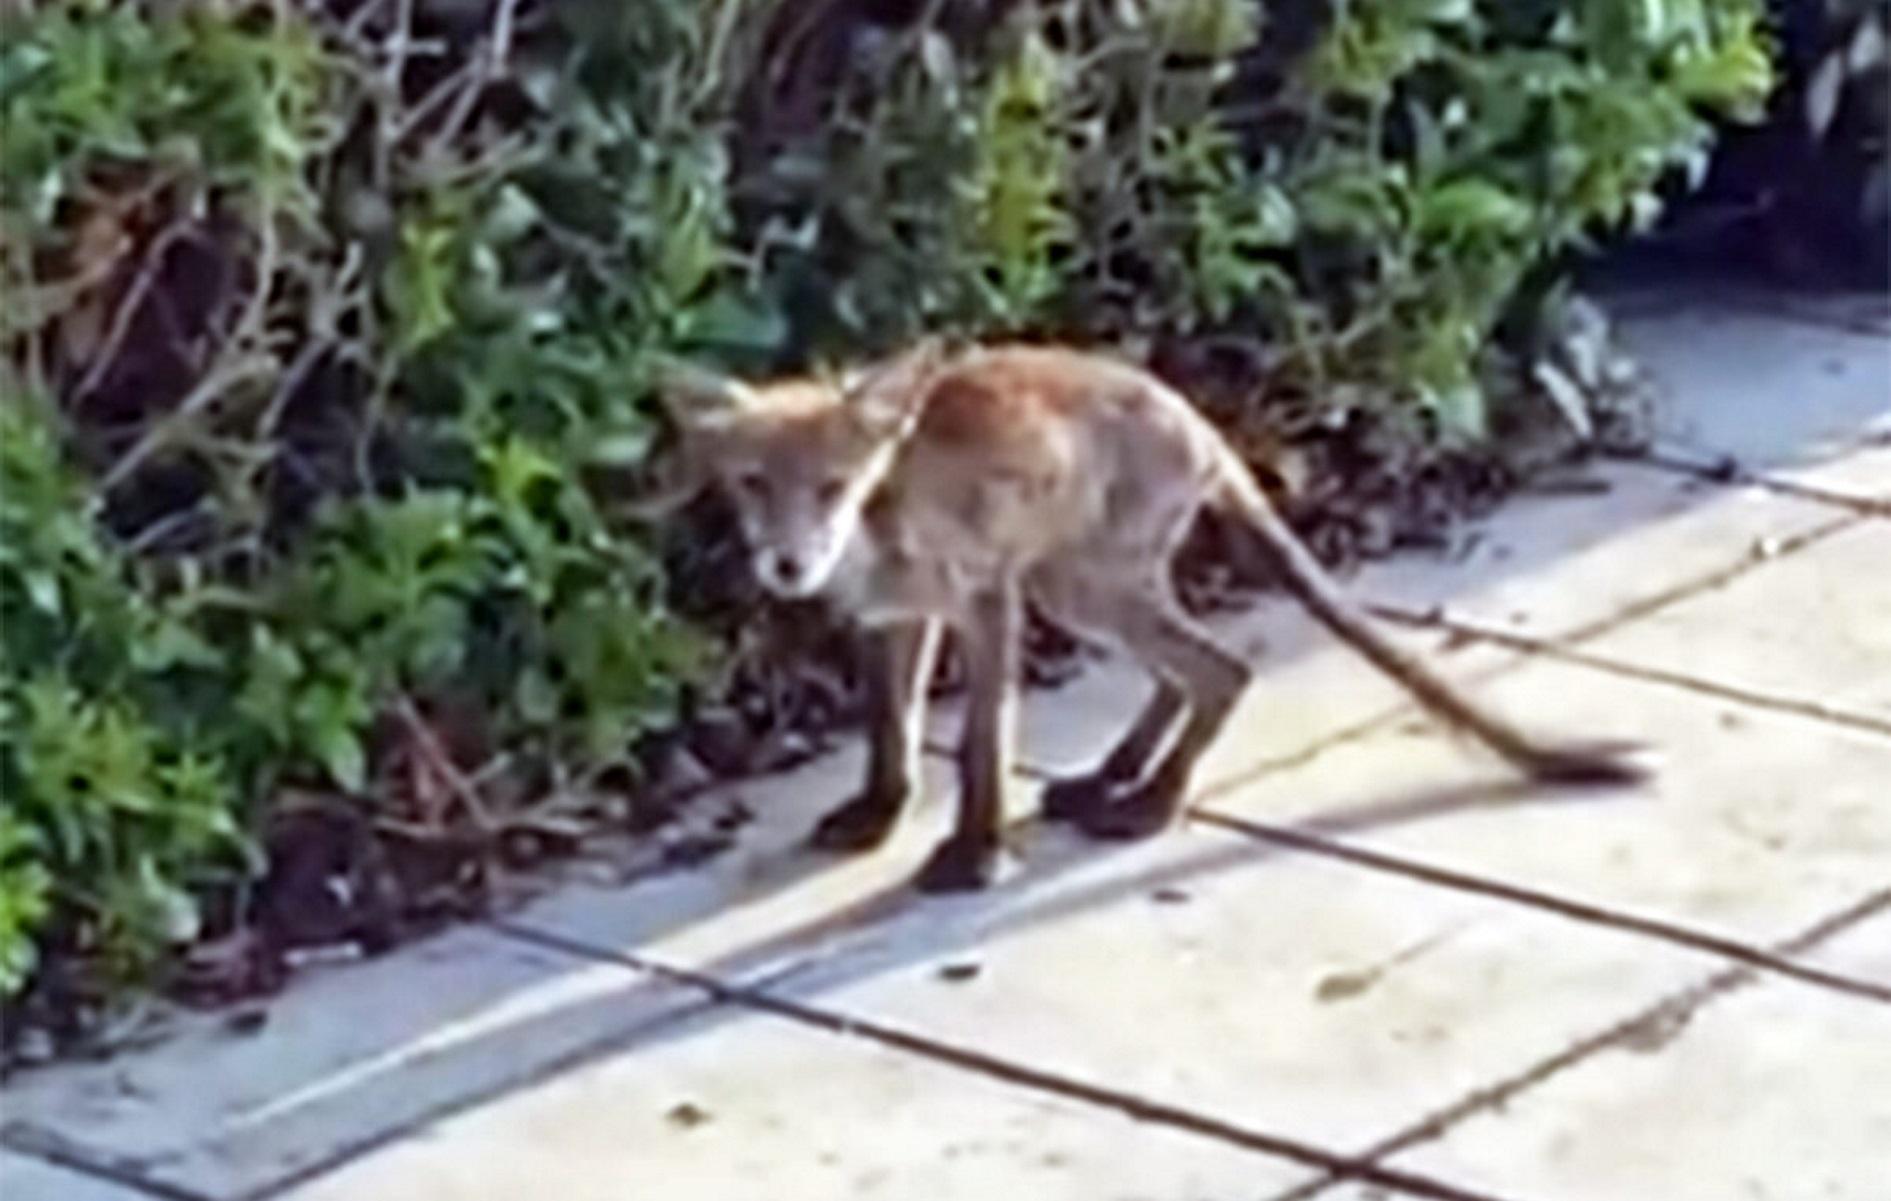 Καβάλα: Αλεπού κόβει βόλτες στο κέντρο της πόλης – Φαίνεται υποσιτισμένη και τρομαγμένη